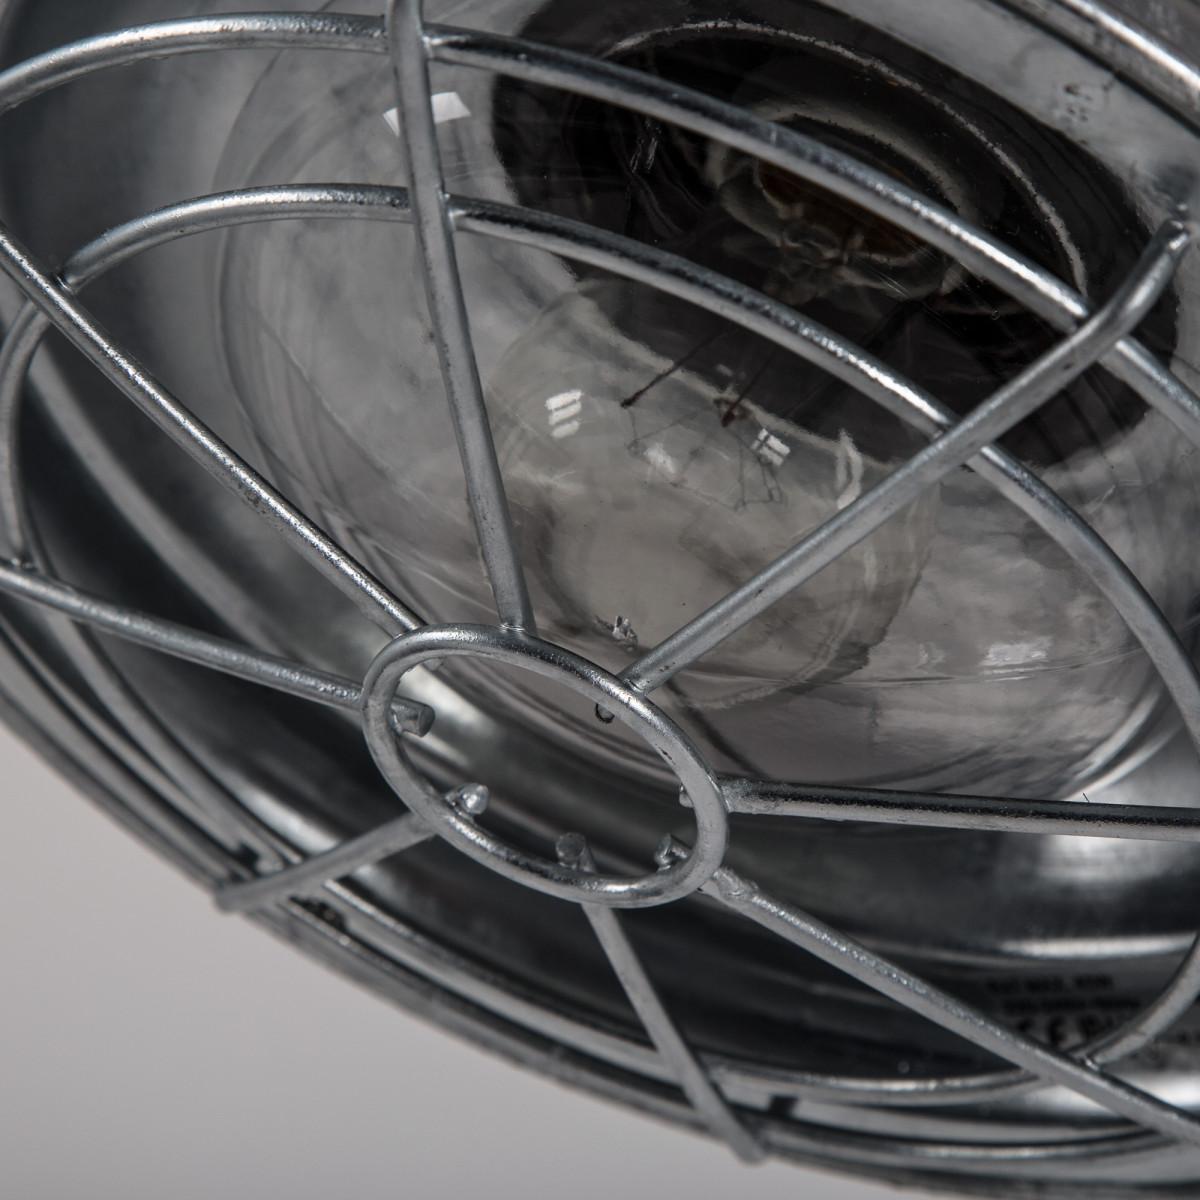 industrieel vormgegeven buitenlamp, type stallamp, de petrol buitenlamp is vervaardigd van verzinkt staal, mooie buitenverlichting van KS Verlichting